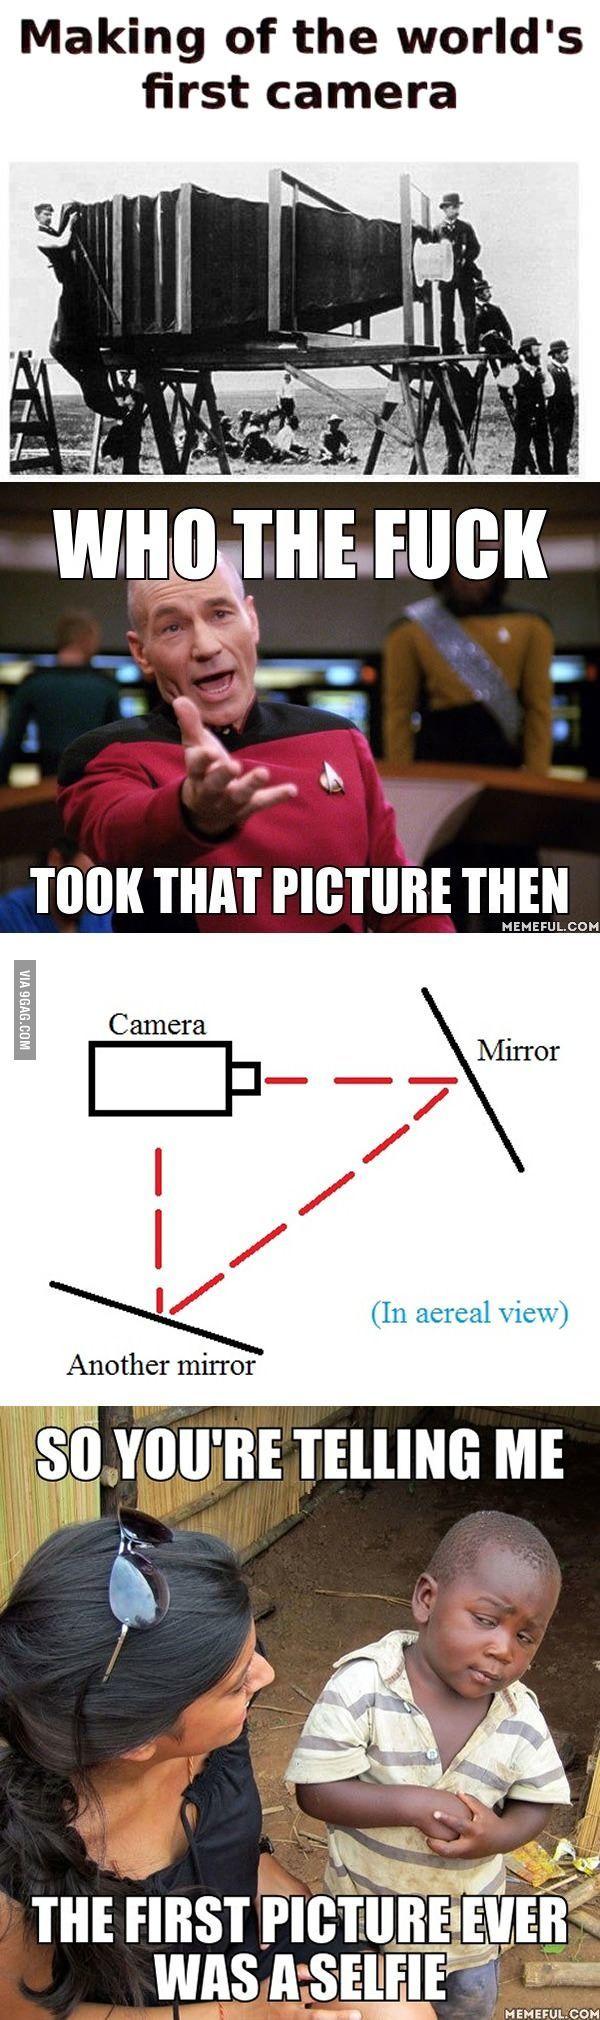 Es war also ein Selfie?